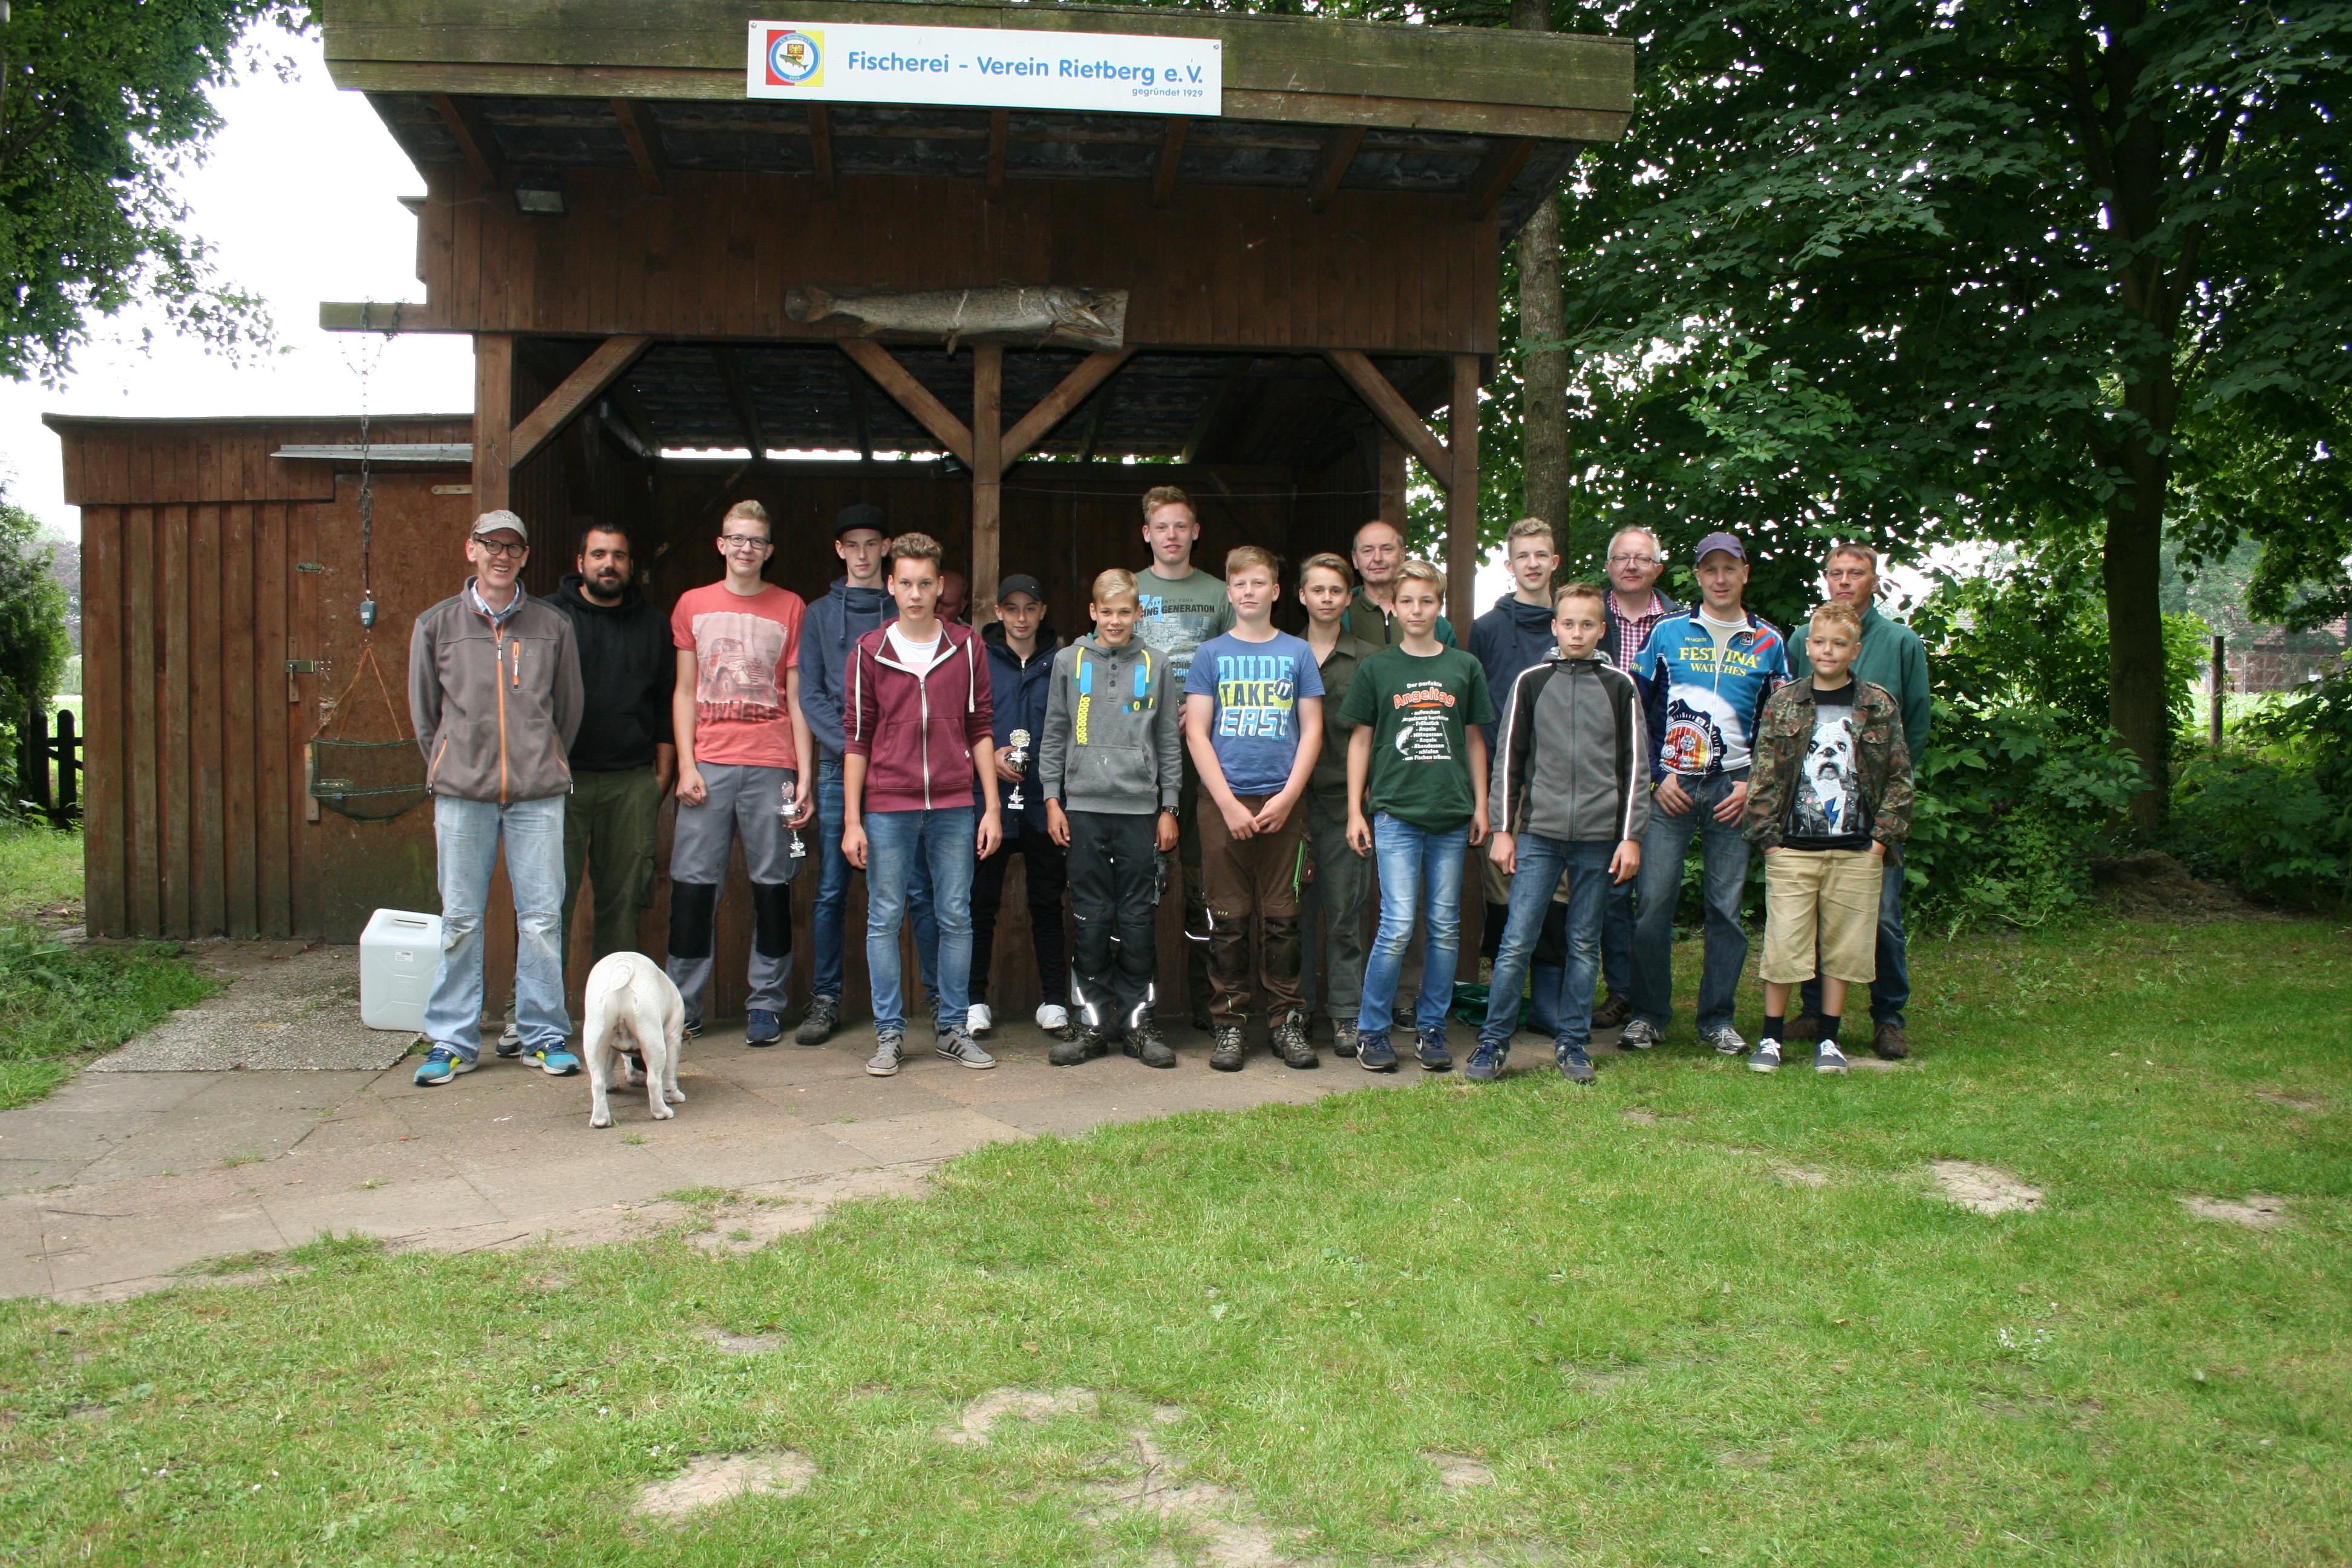 Jugendtreffen 2016 am Kammermann´s See mit : Mastholte, Westerwiehe und Rietberg / Foto Quelle: Katarzyna Drzisga